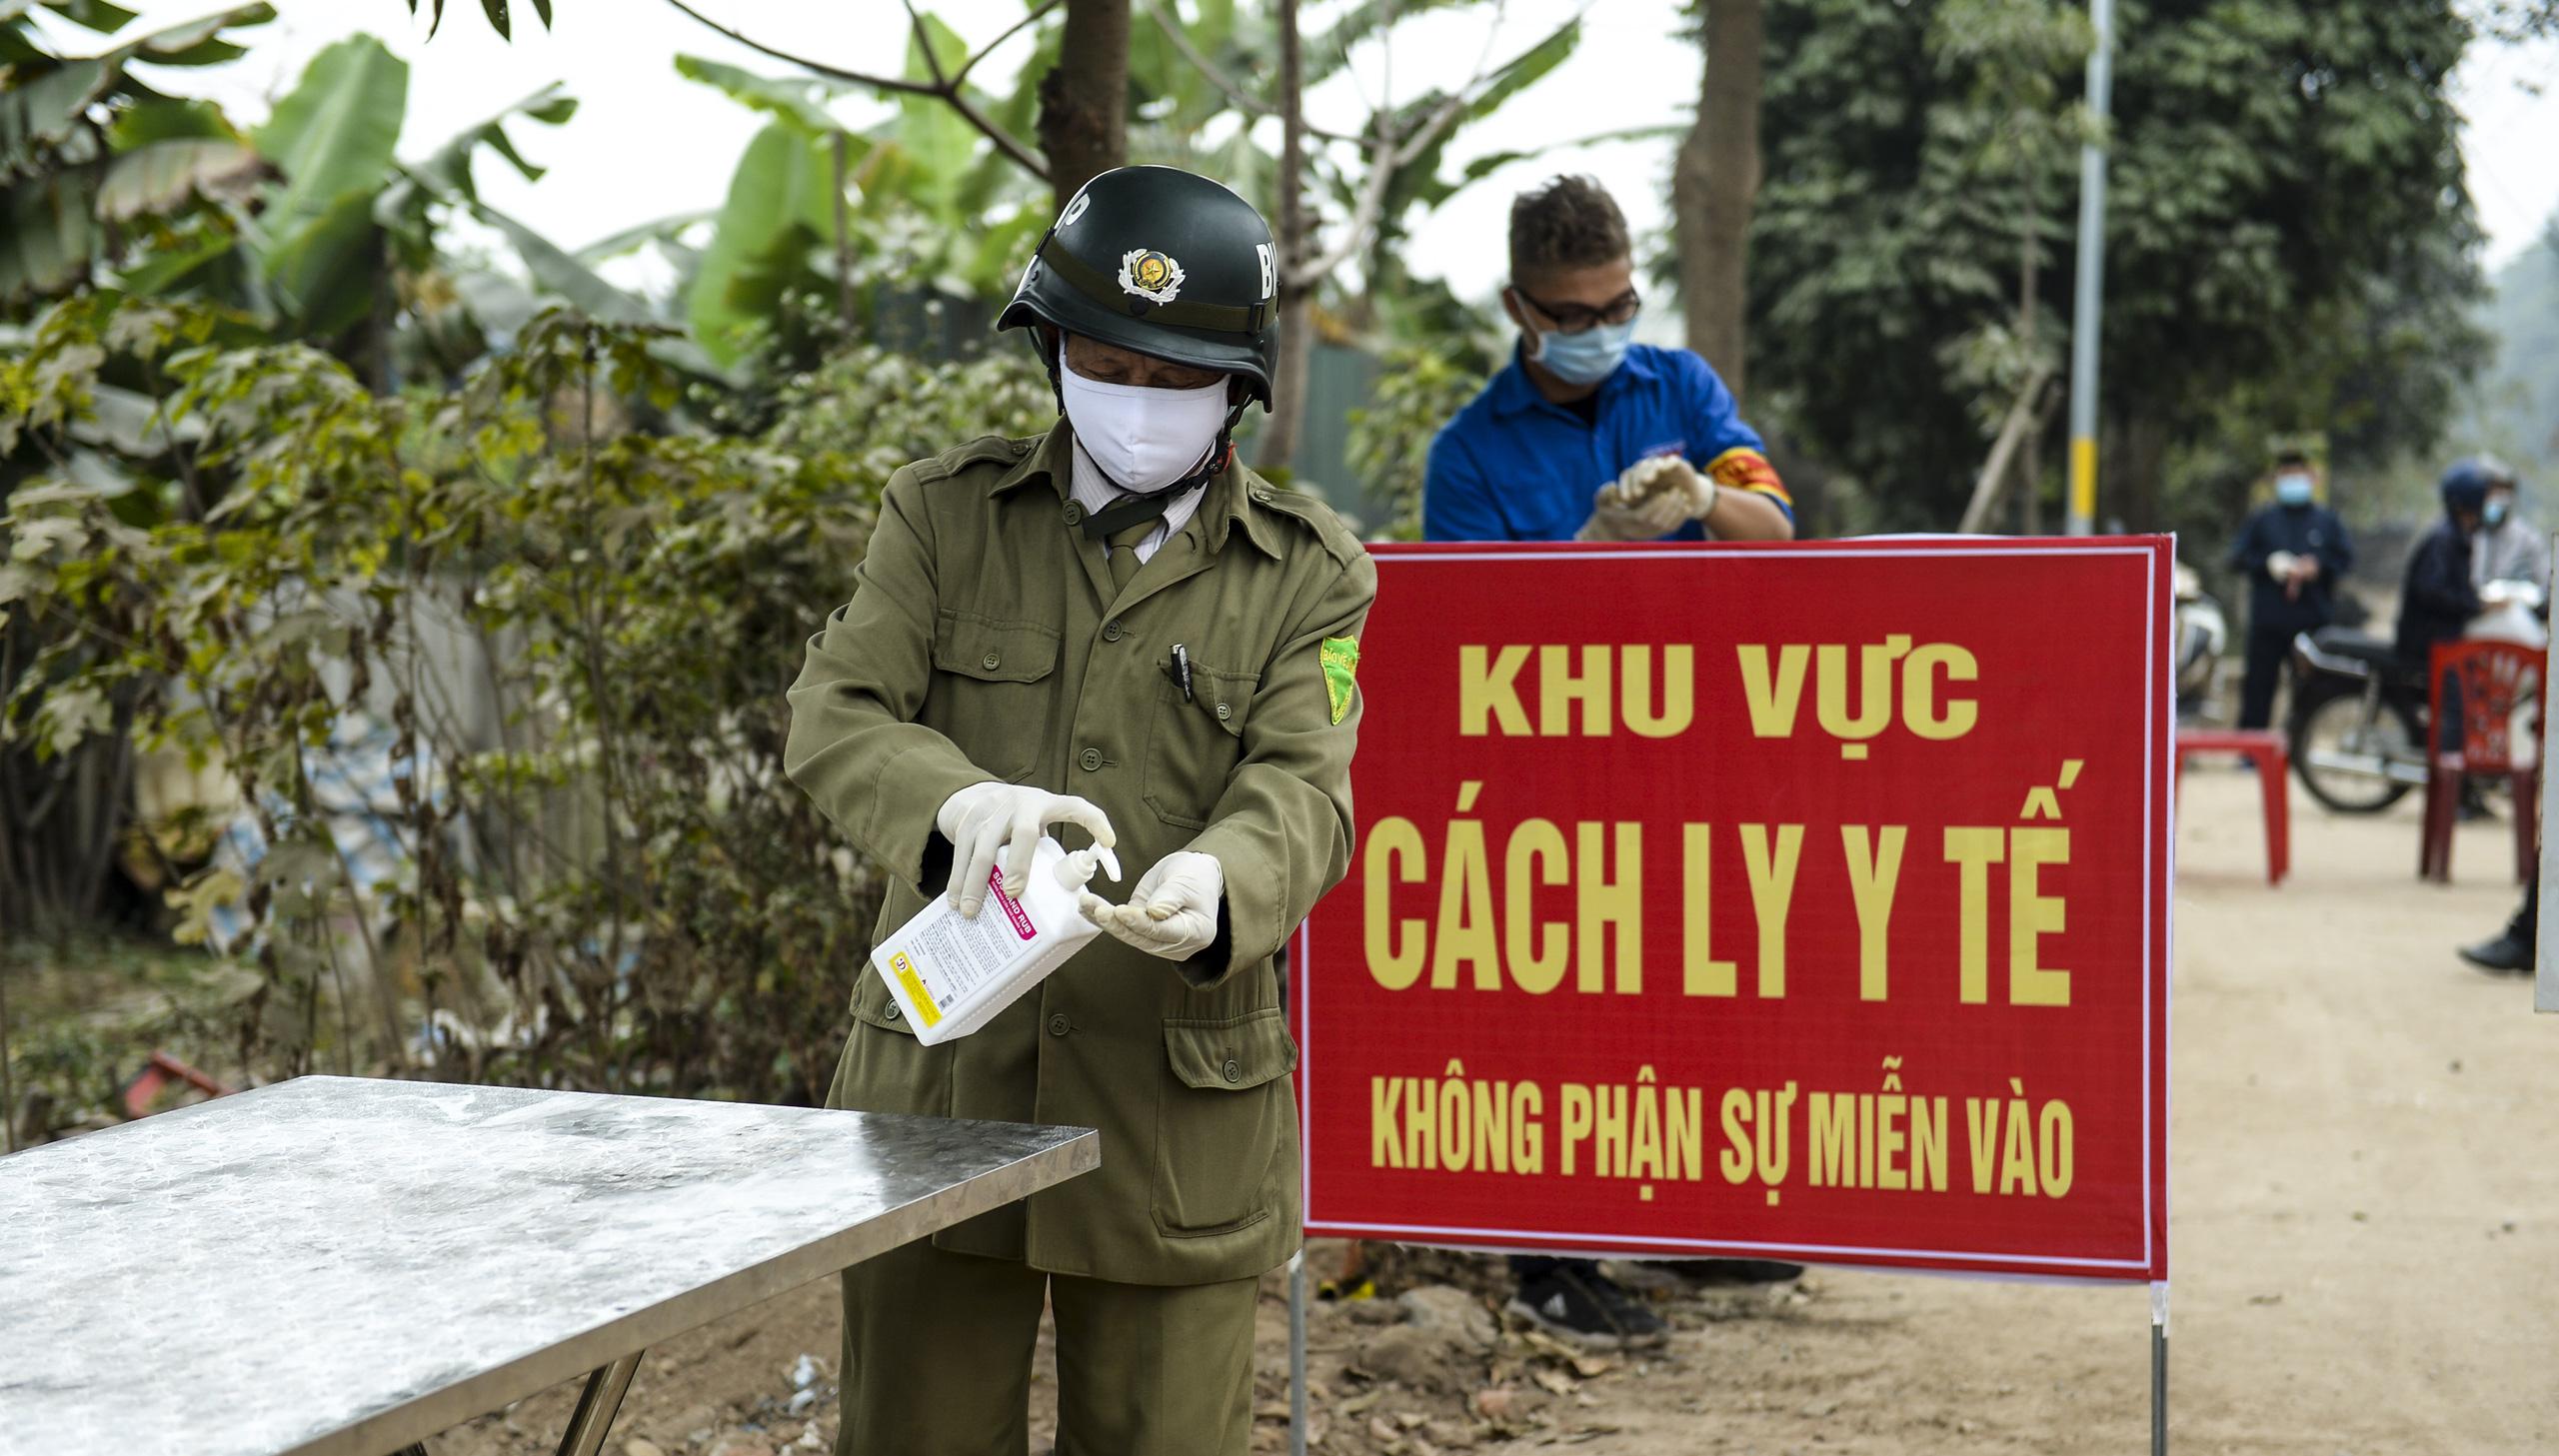 Hà Nội: Một gia đình dùng xe bán tải tiếp tế đồ cho người thân đang bị cách ly ở Đông Anh - Ảnh 13.